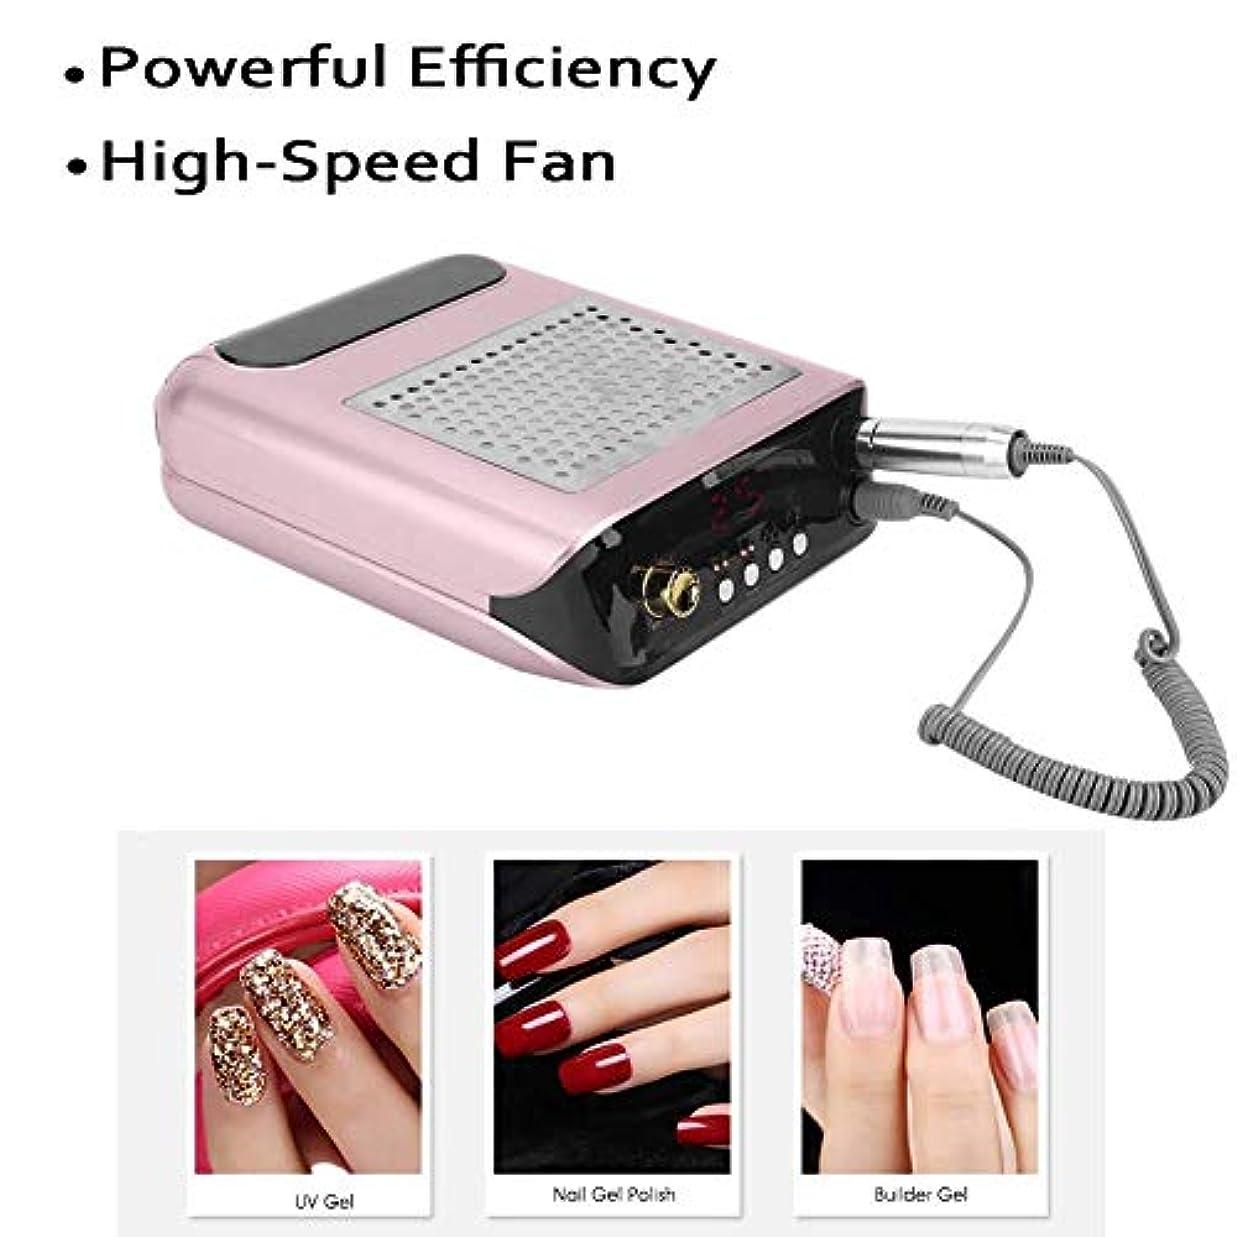 急流ディスパッチヘッジ研磨機、電気ネイルドリル、ネイル集塵機、指足の爪のケアのためのネイル研磨システムを研削2 In1とネイル